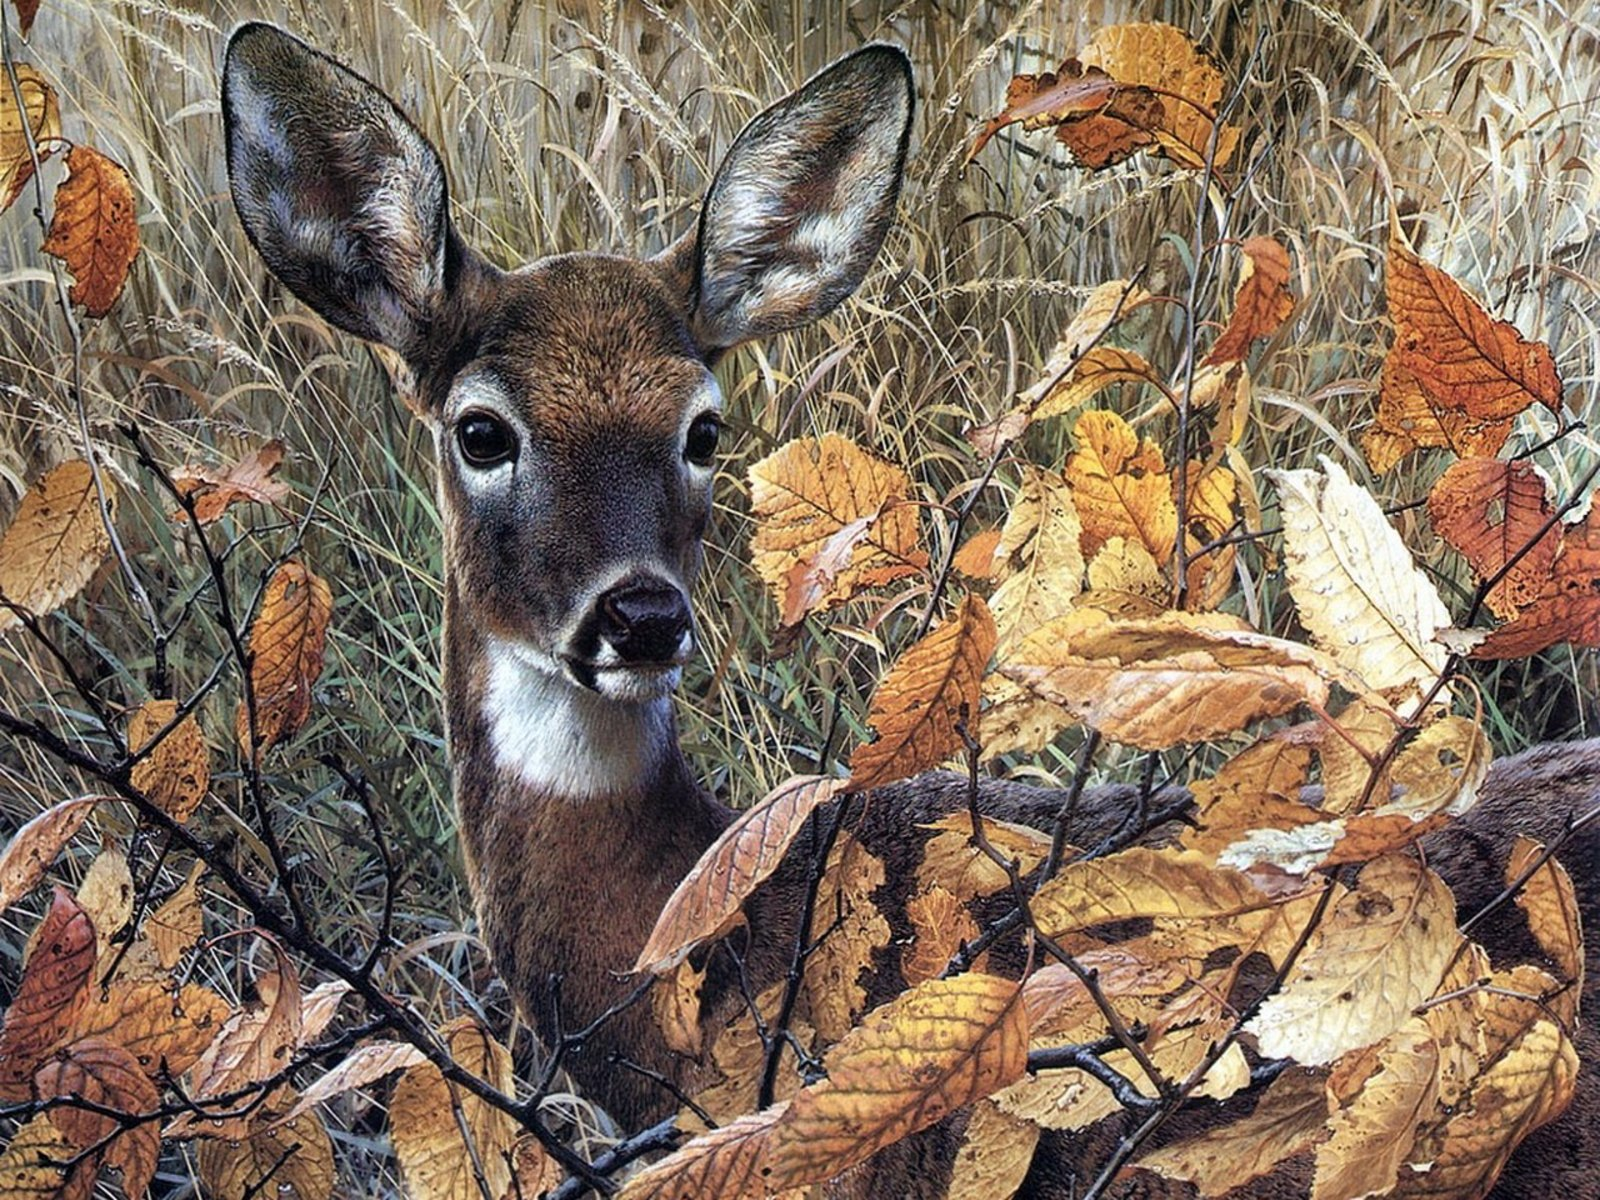 deer wallpaper for computerdeer pictures deer desktop wallpaperfree 1600x1200